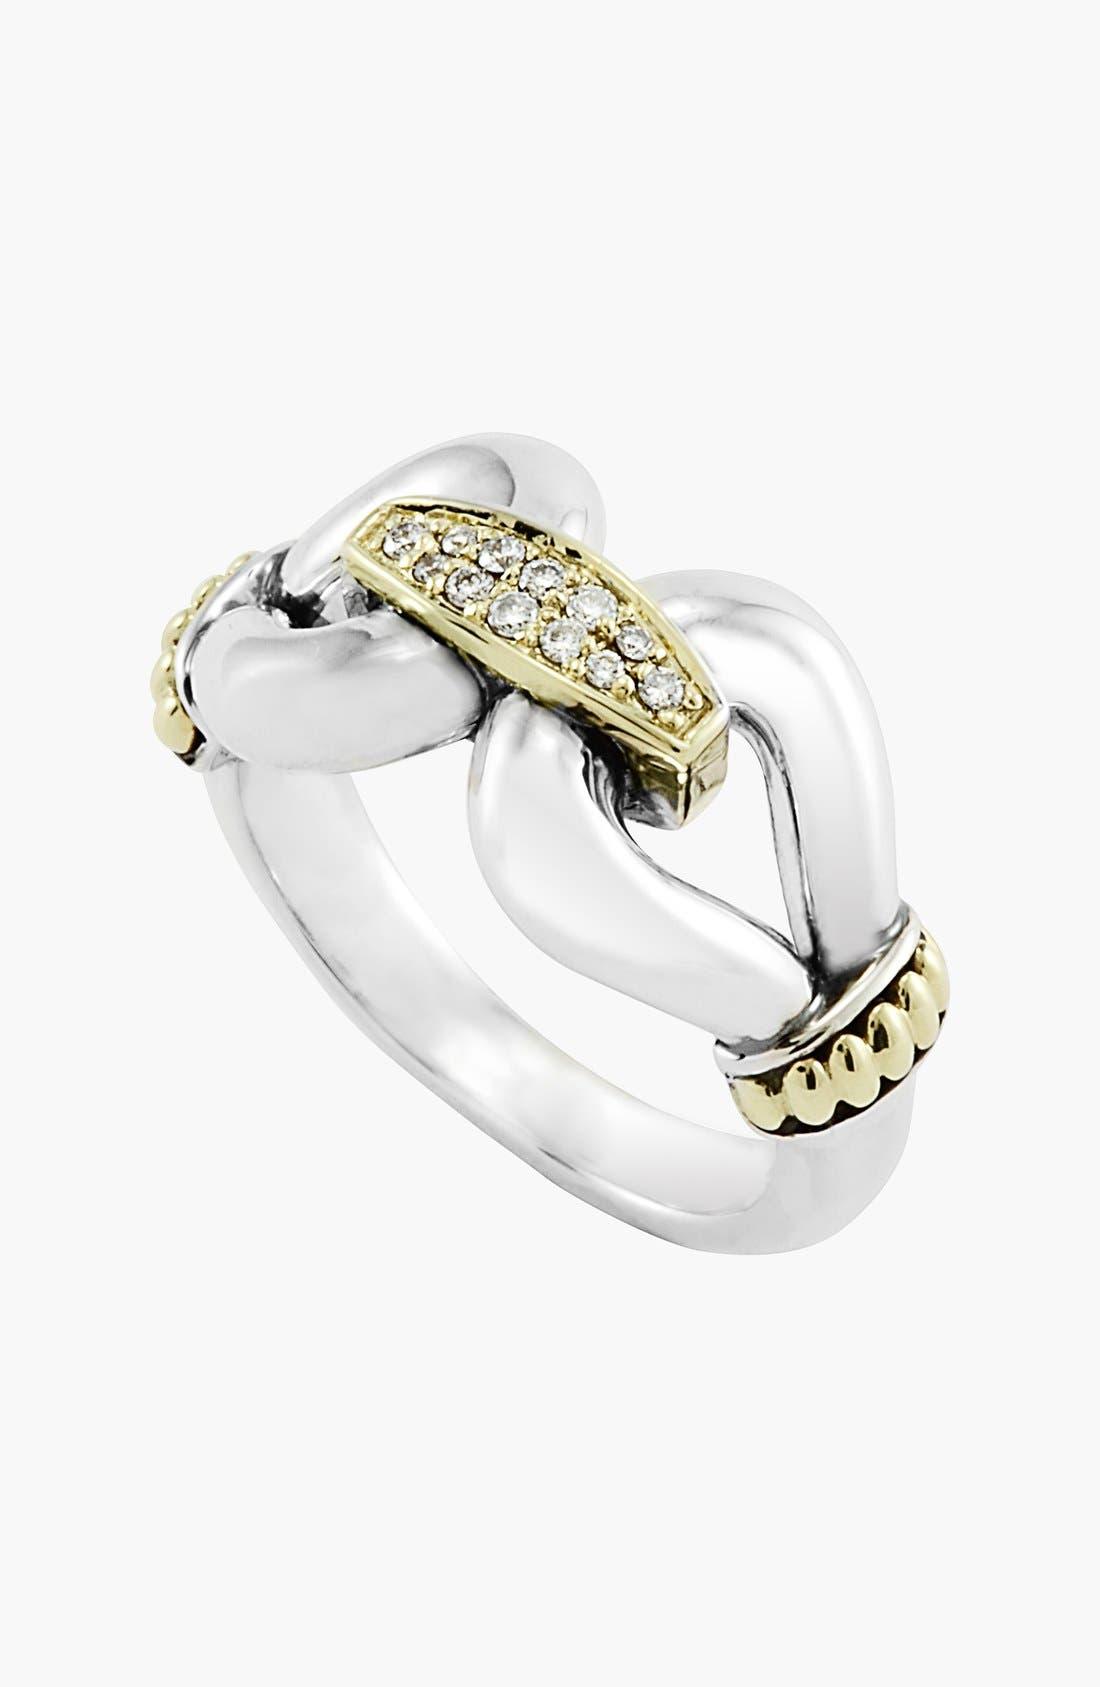 Main Image - LAGOS 'Derby' Large Diamond Ring